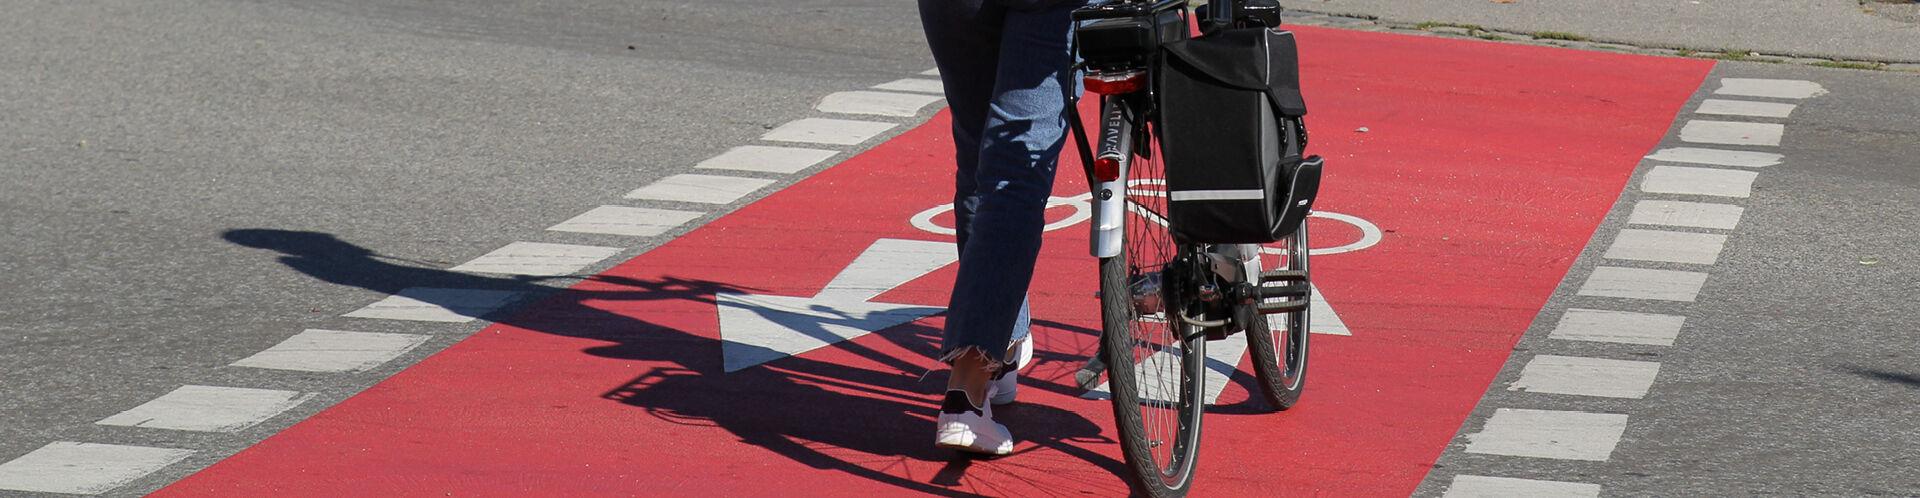 Fahrradübergänge Banner